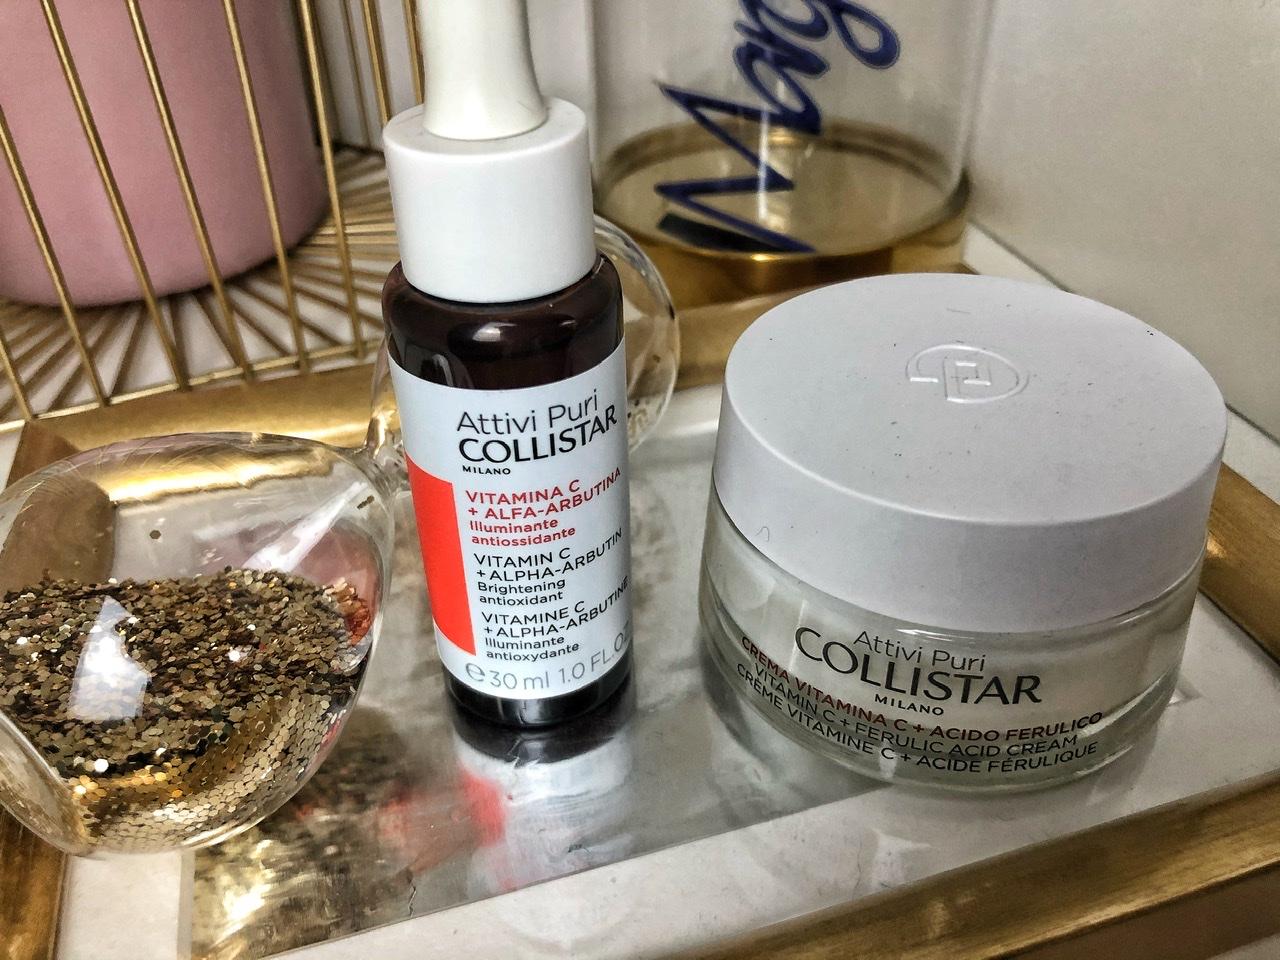 Attivi Puri Vitamina C: la novità skincare di Collistar beauty